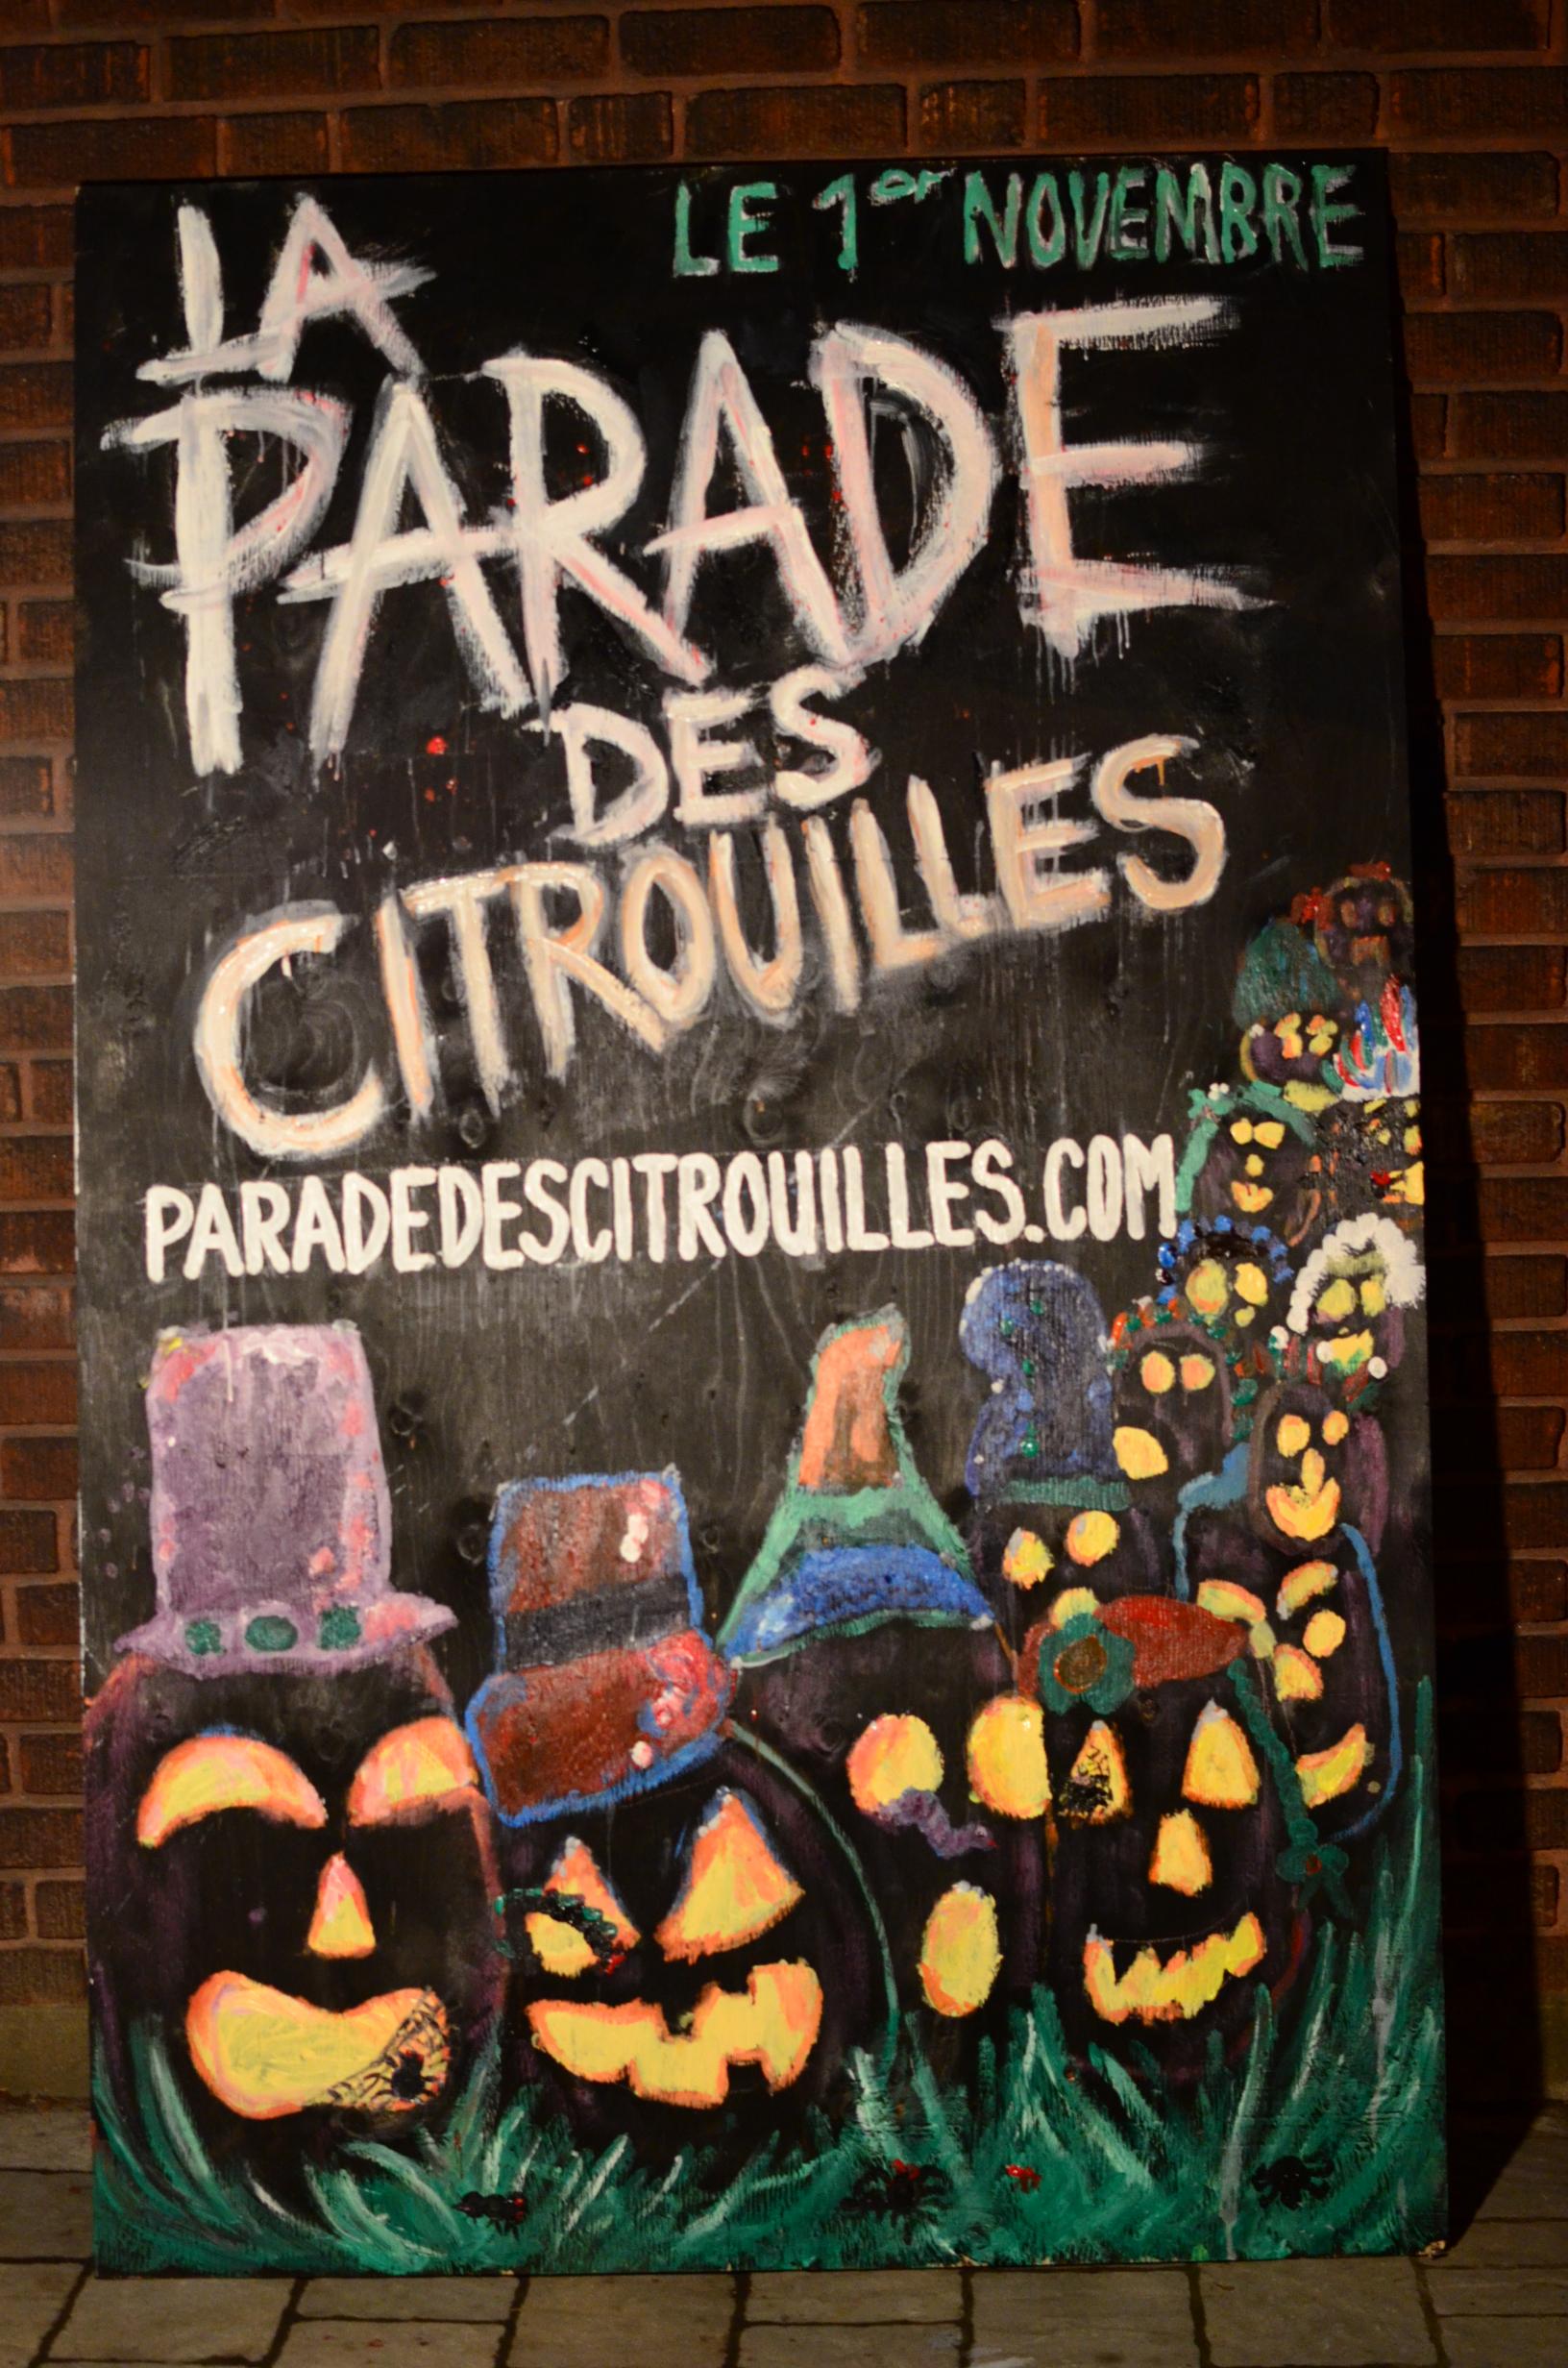 La Parade des Citrouilles